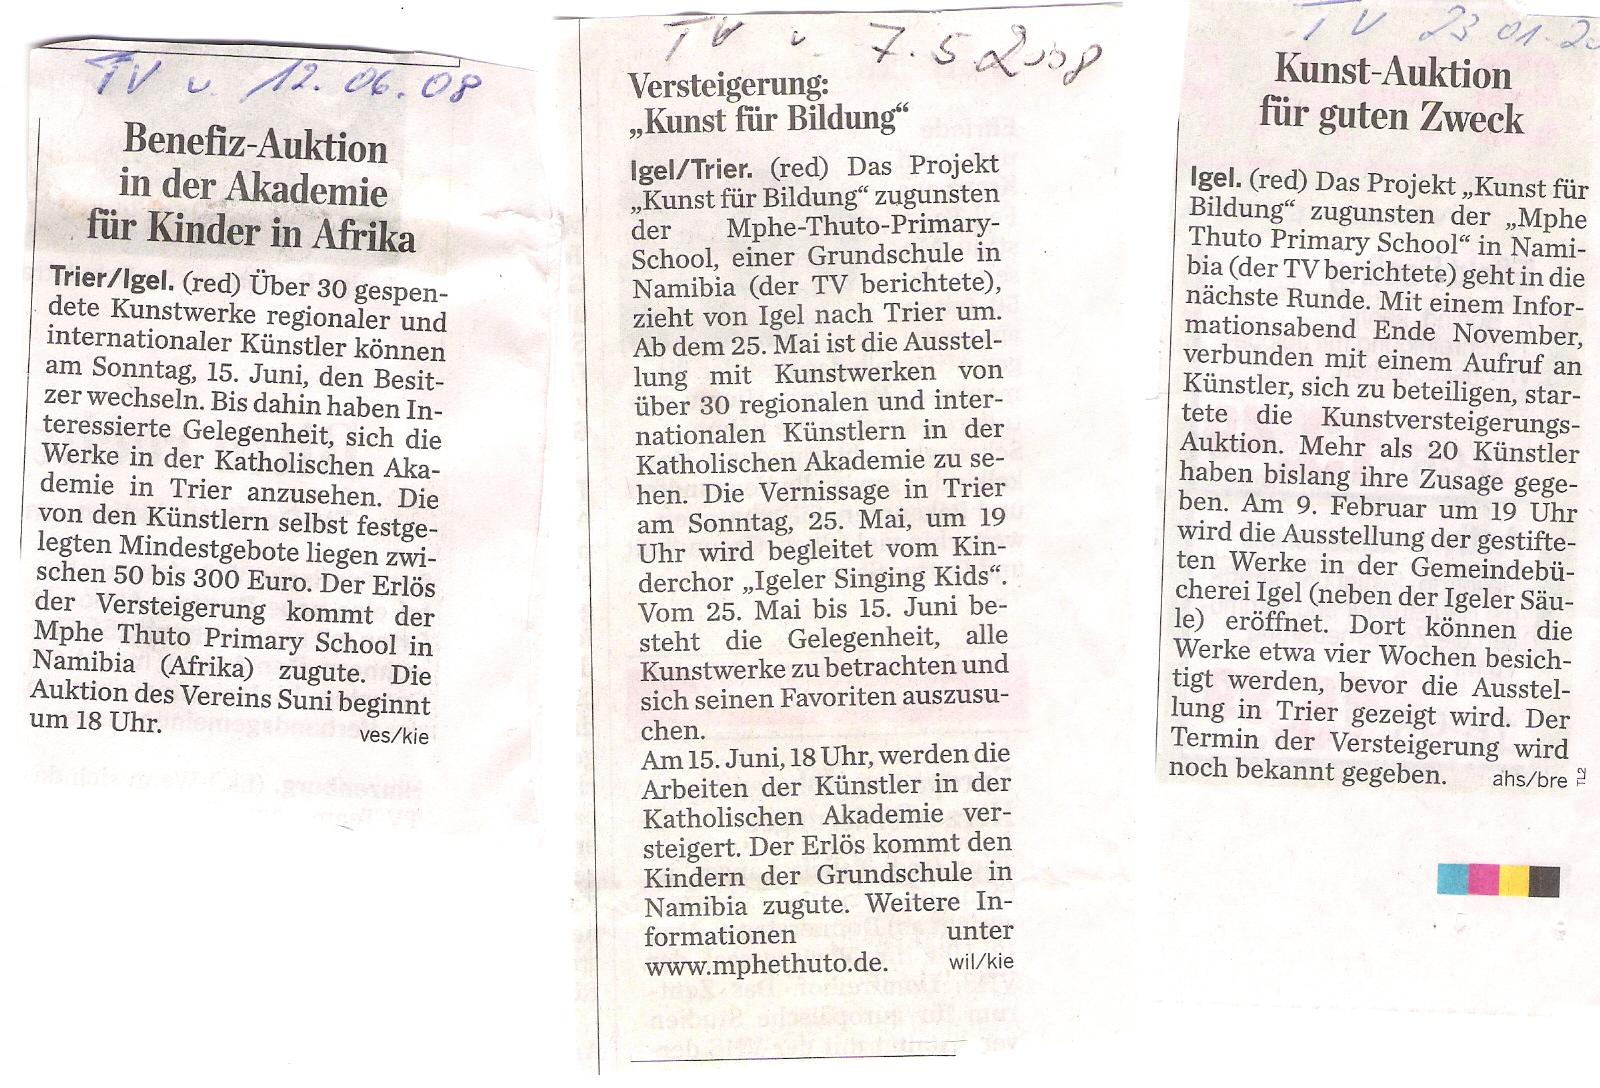 TV-Berichte Kunst für Bildung 2008